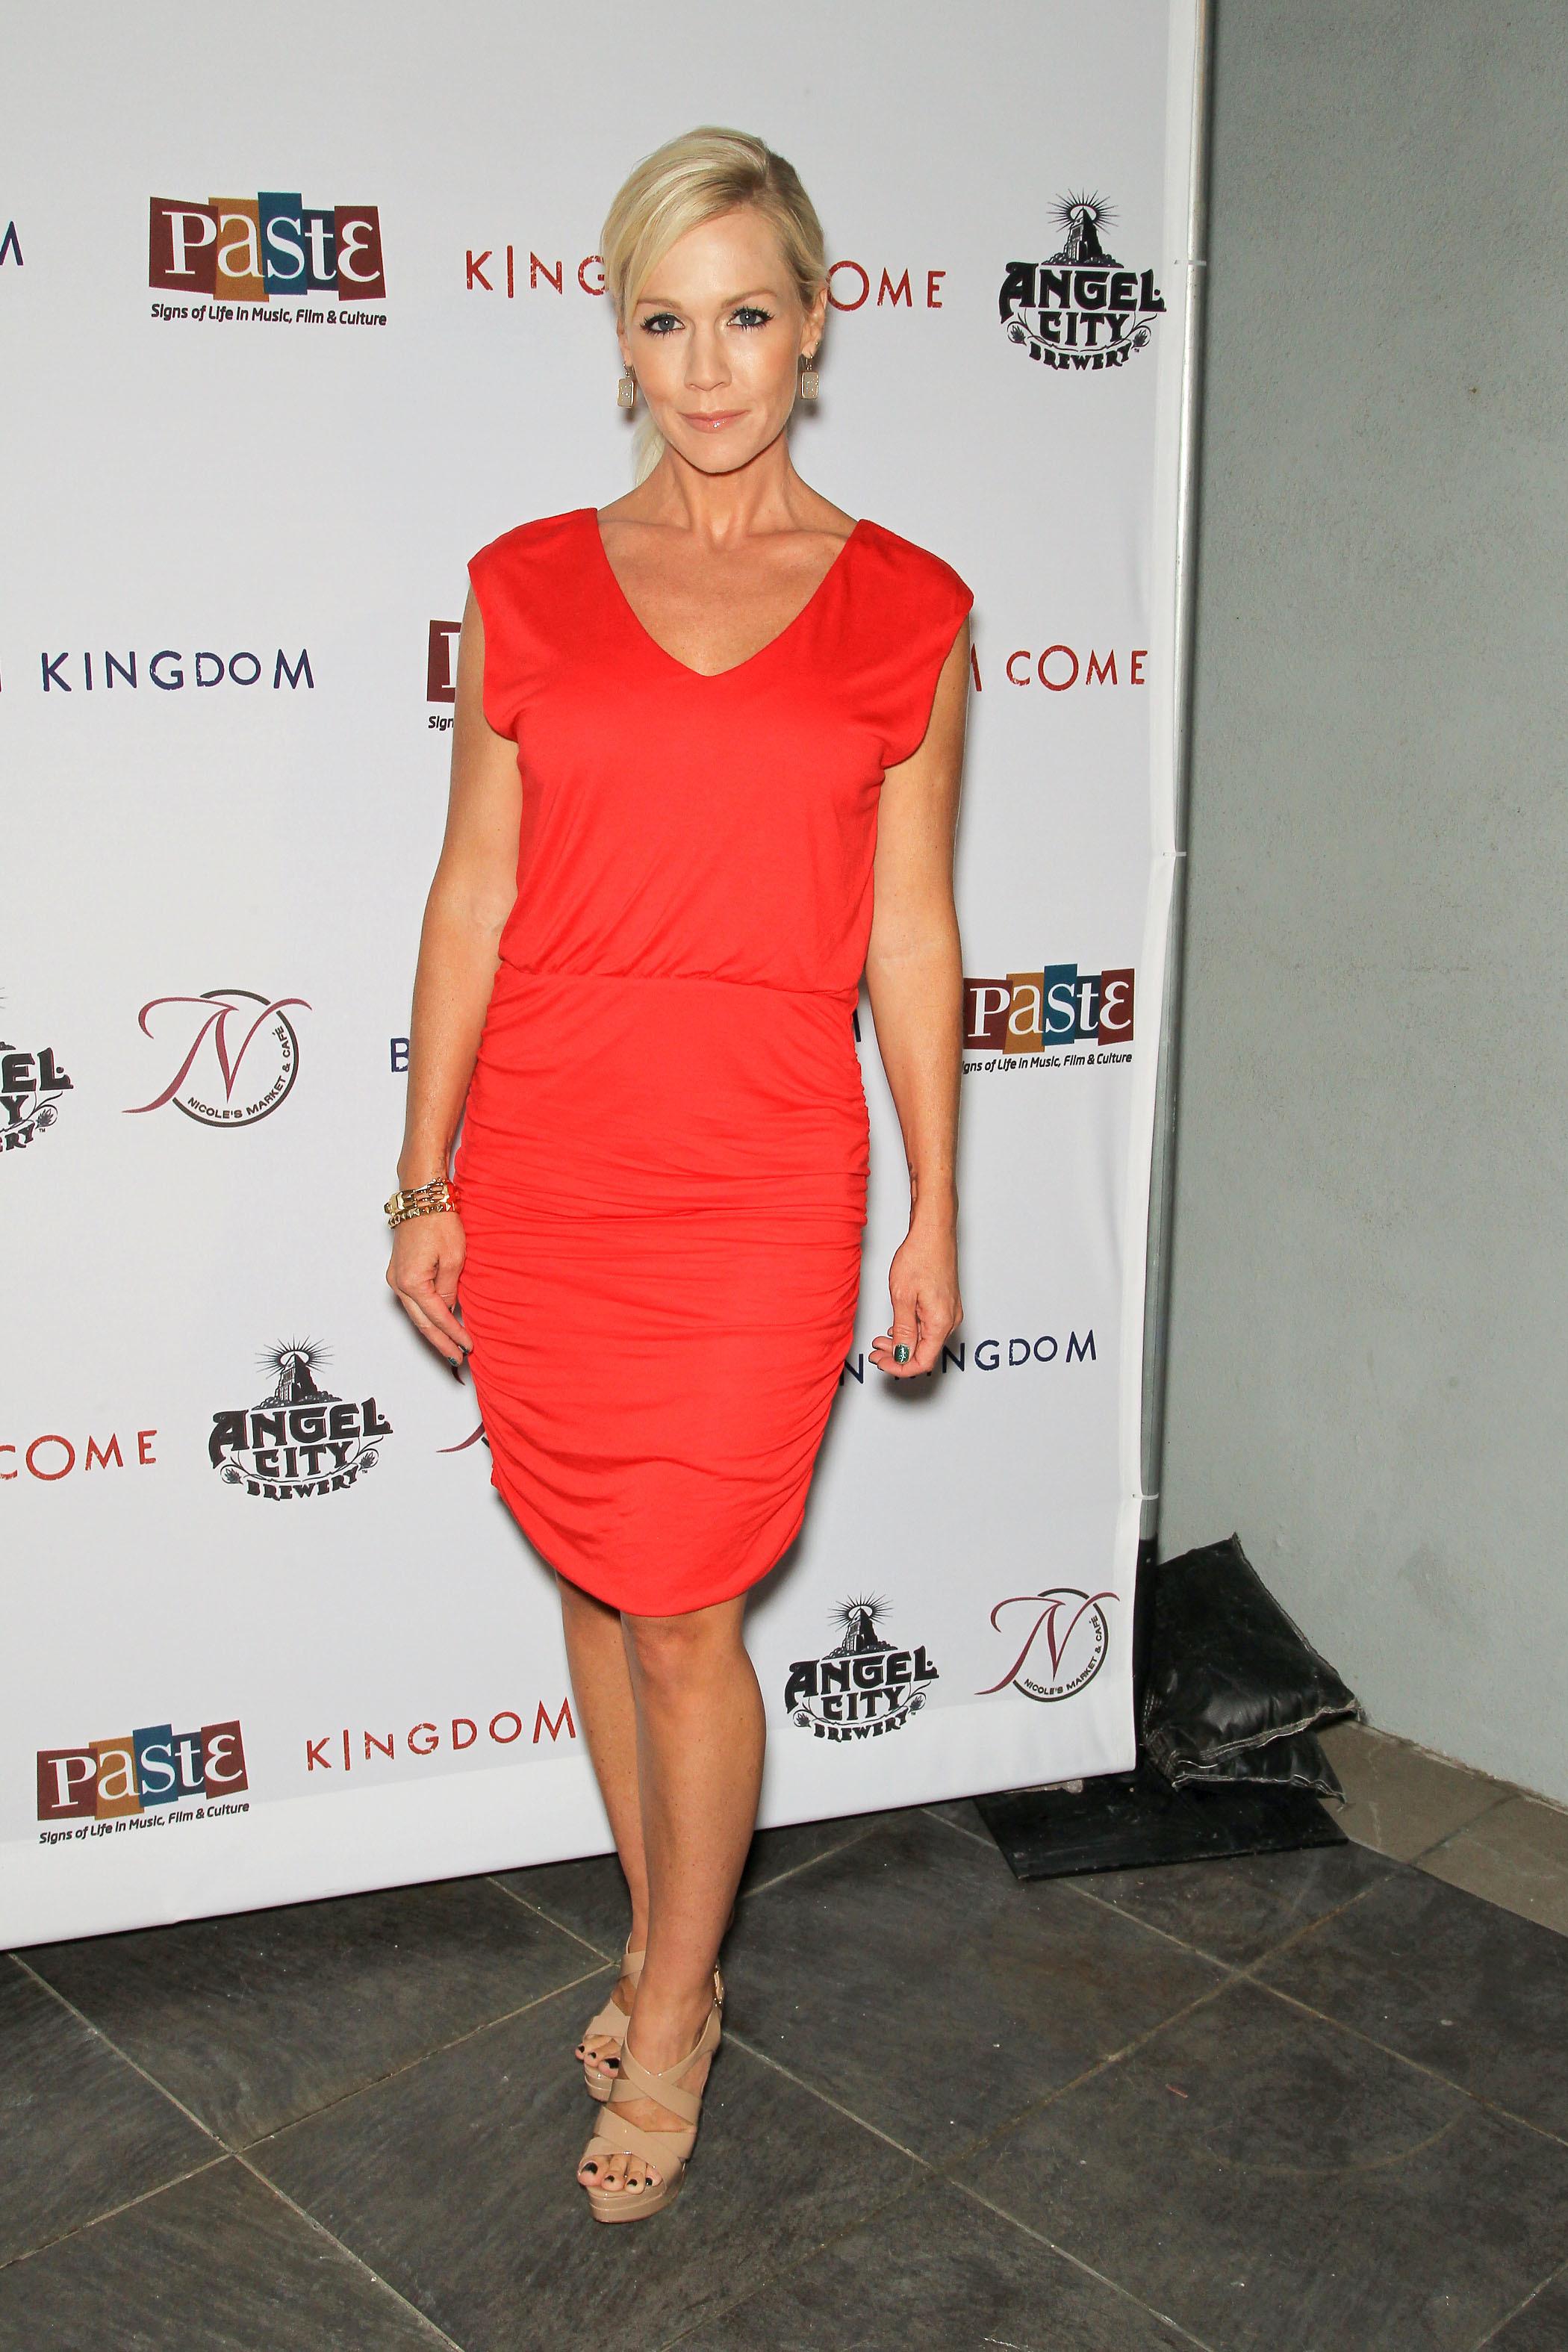 Jennie Garth celebrity transformations